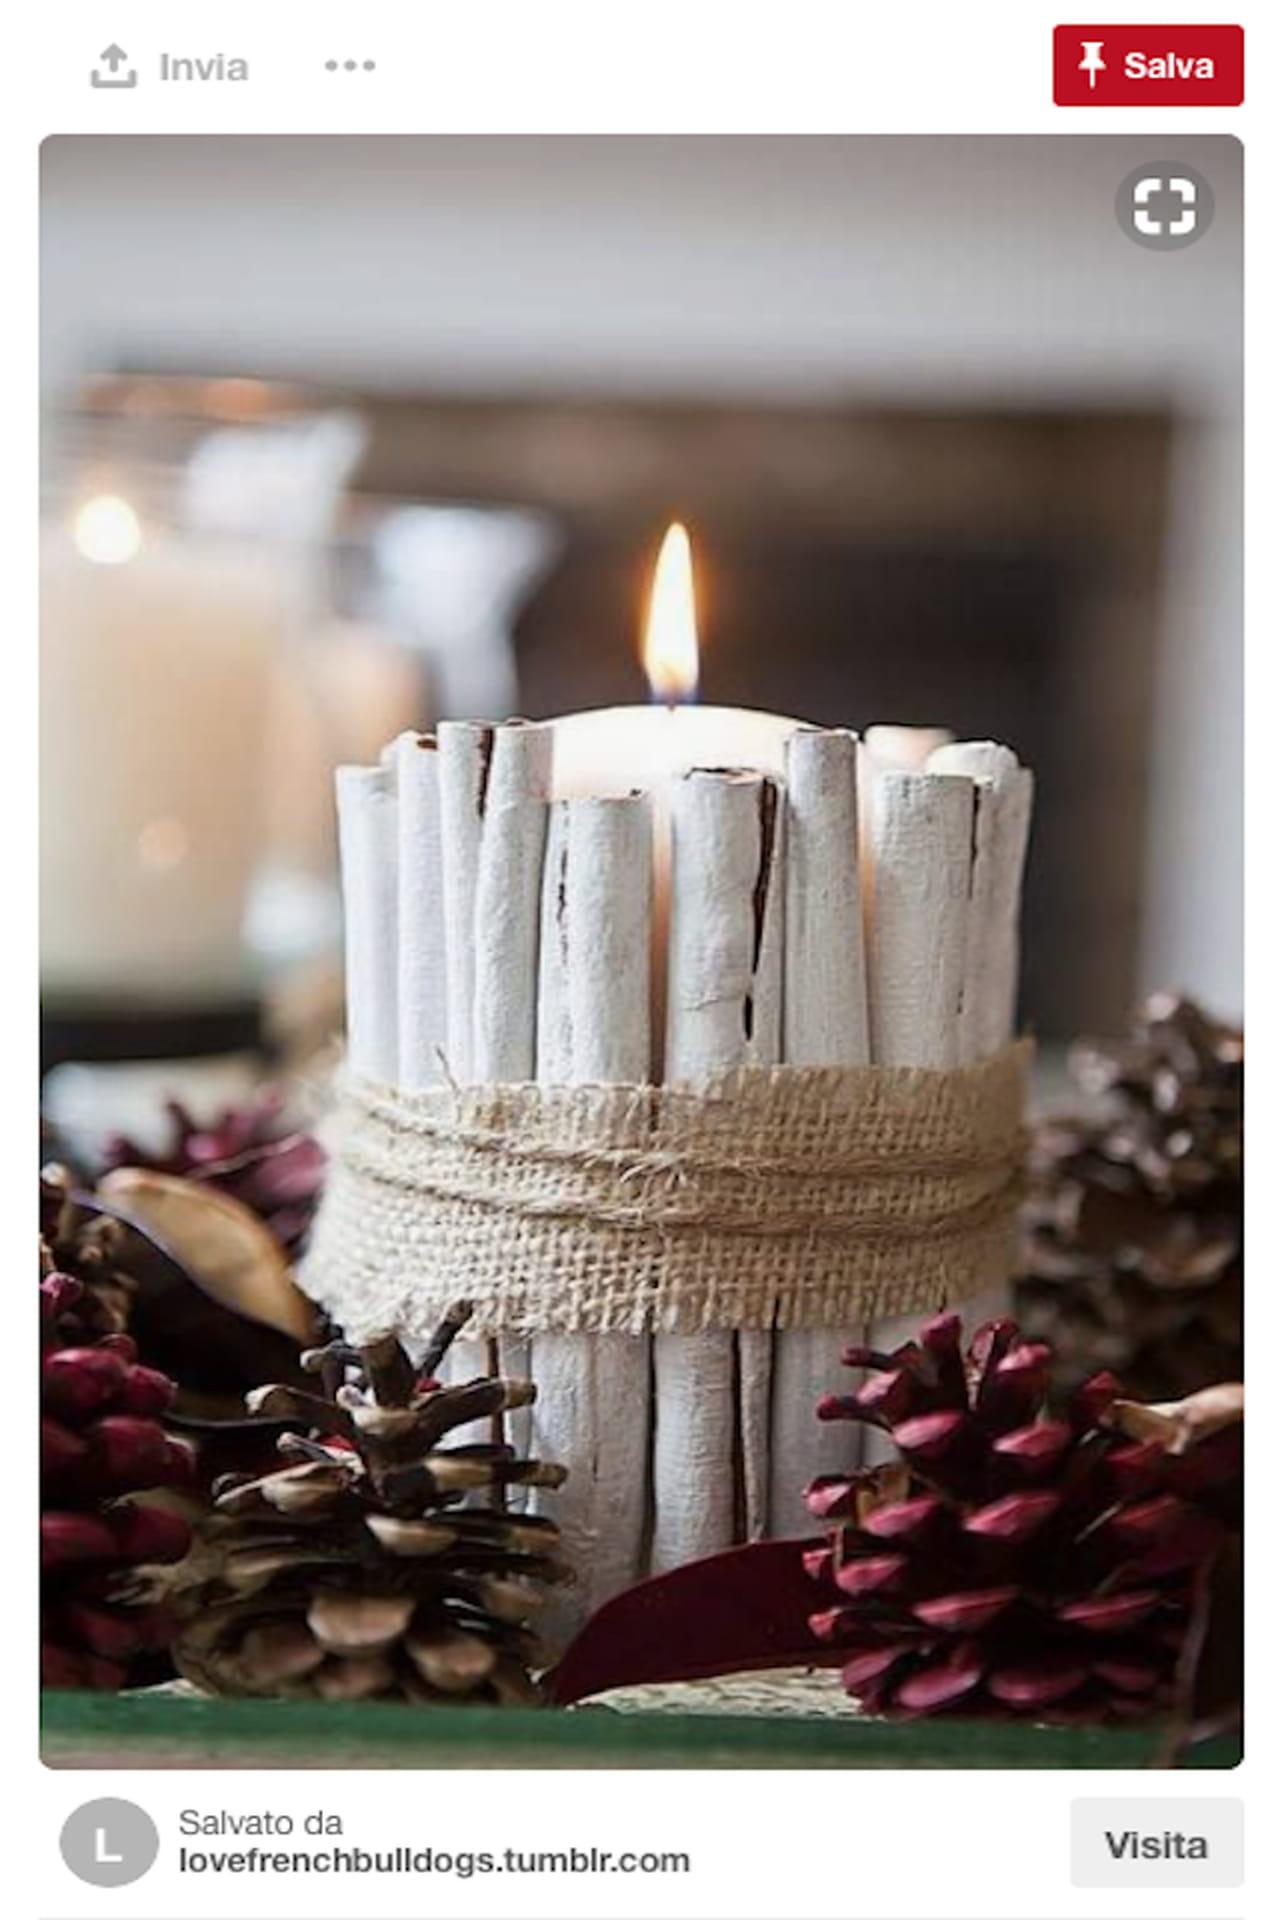 Centrotavola natalizio idee da pinterest con bacche pigne e candele - Centrotavola natalizi pinterest ...